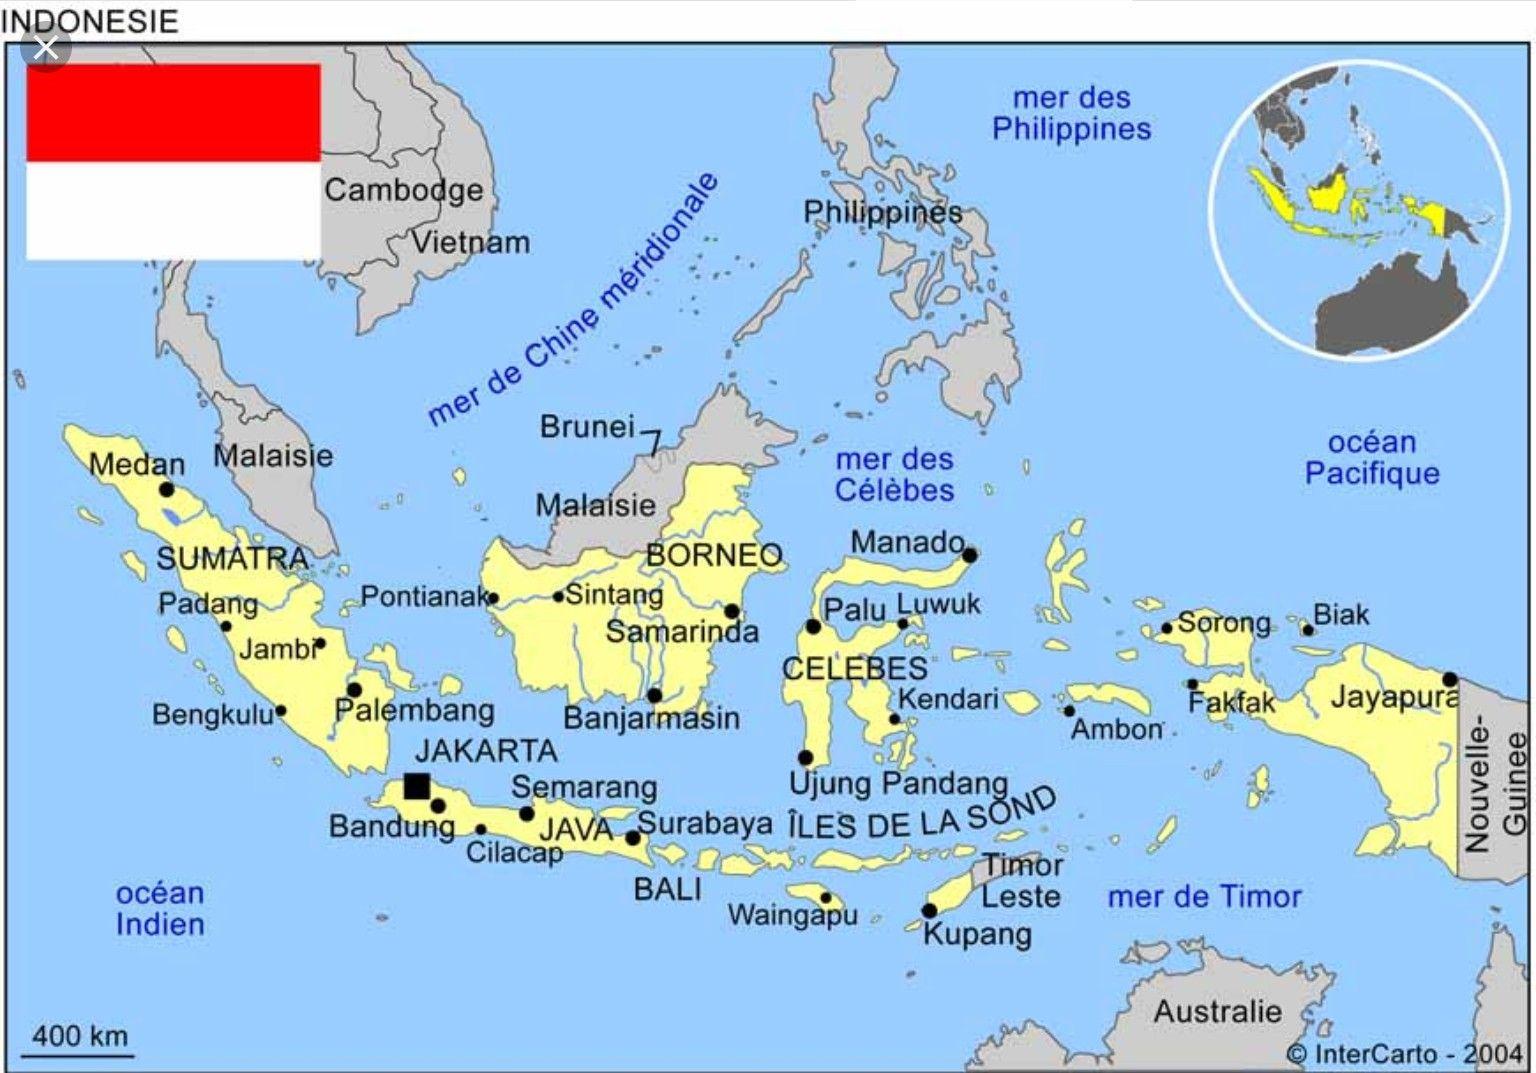 Epingle Par Celine Dionne Sur Voyage Asie Indonesie Carte Carte